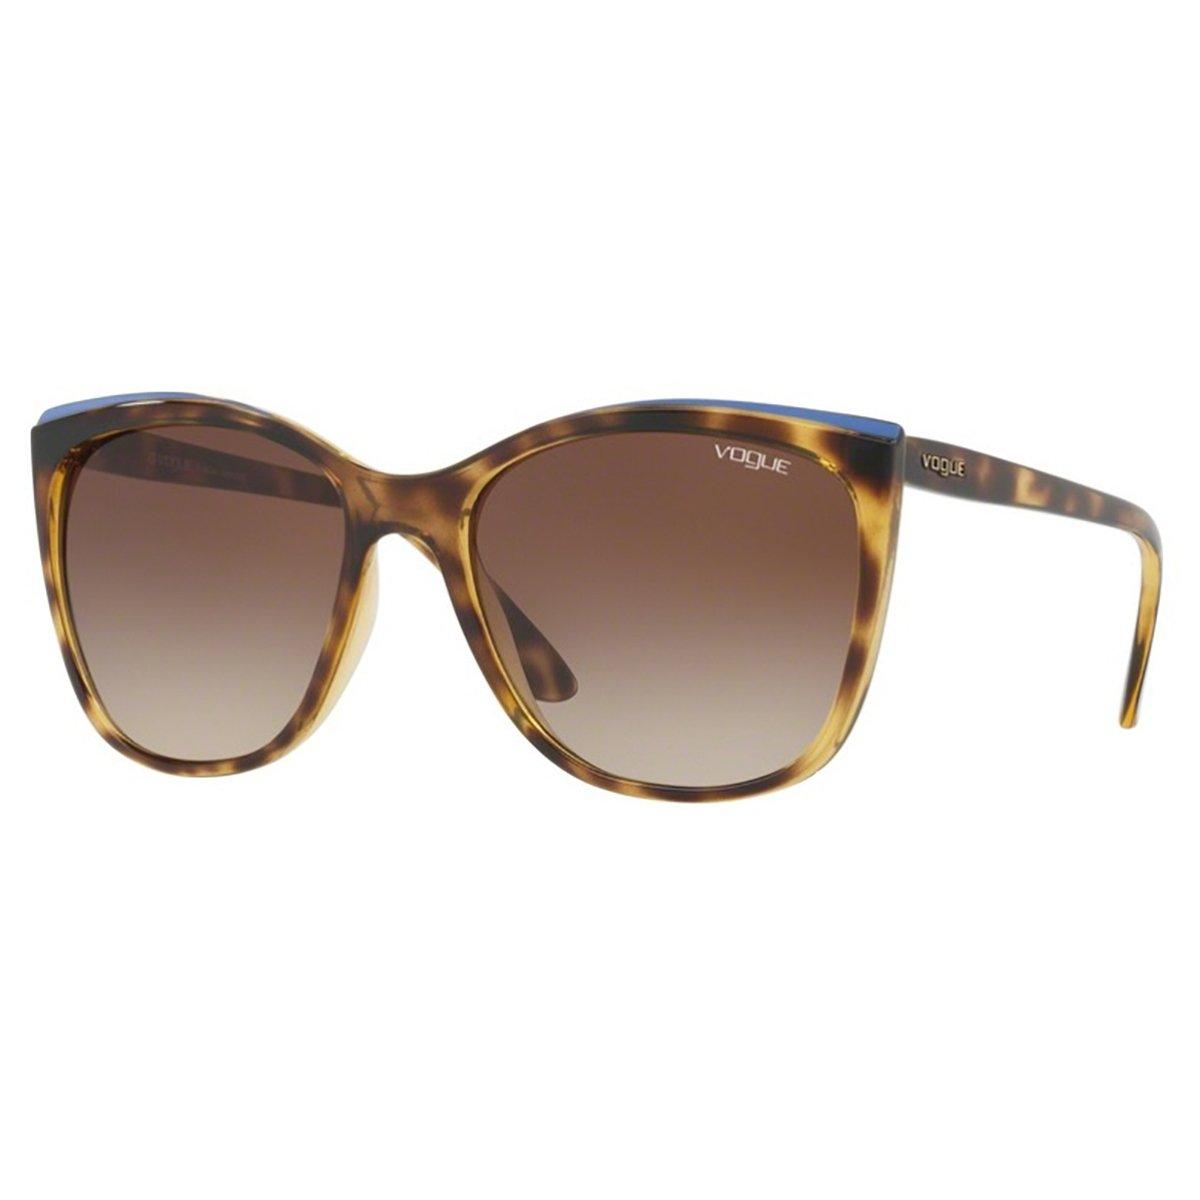 269e5347db5d9 Compre Óculos de Sol Vogue em 10X   Tri-Jóia Shop